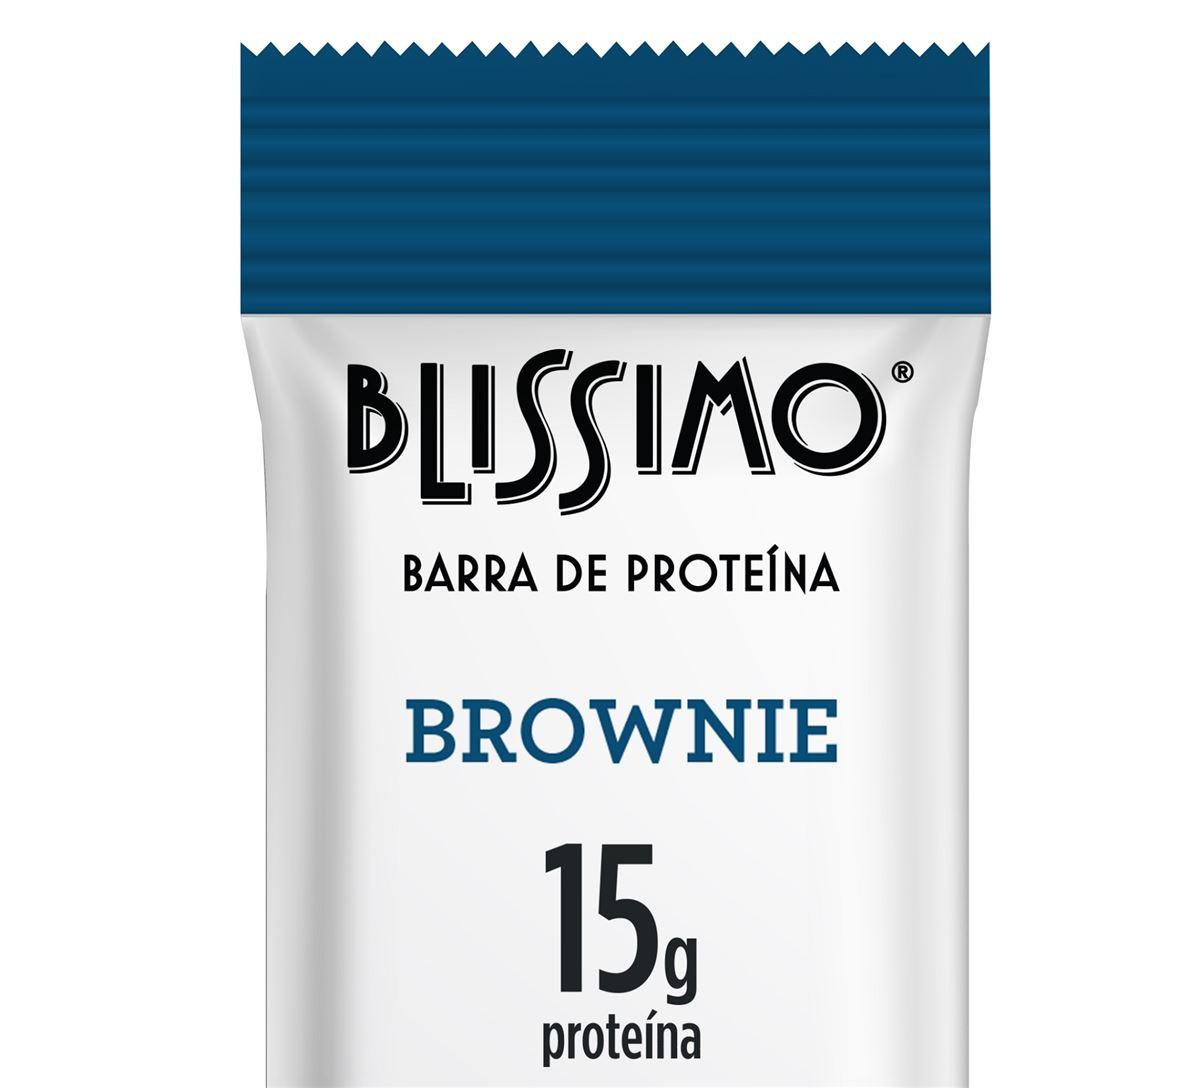 8985a46f4 Blissimo lança primeira barrinha proteica - com whey protein - refrigerada  do Brasil